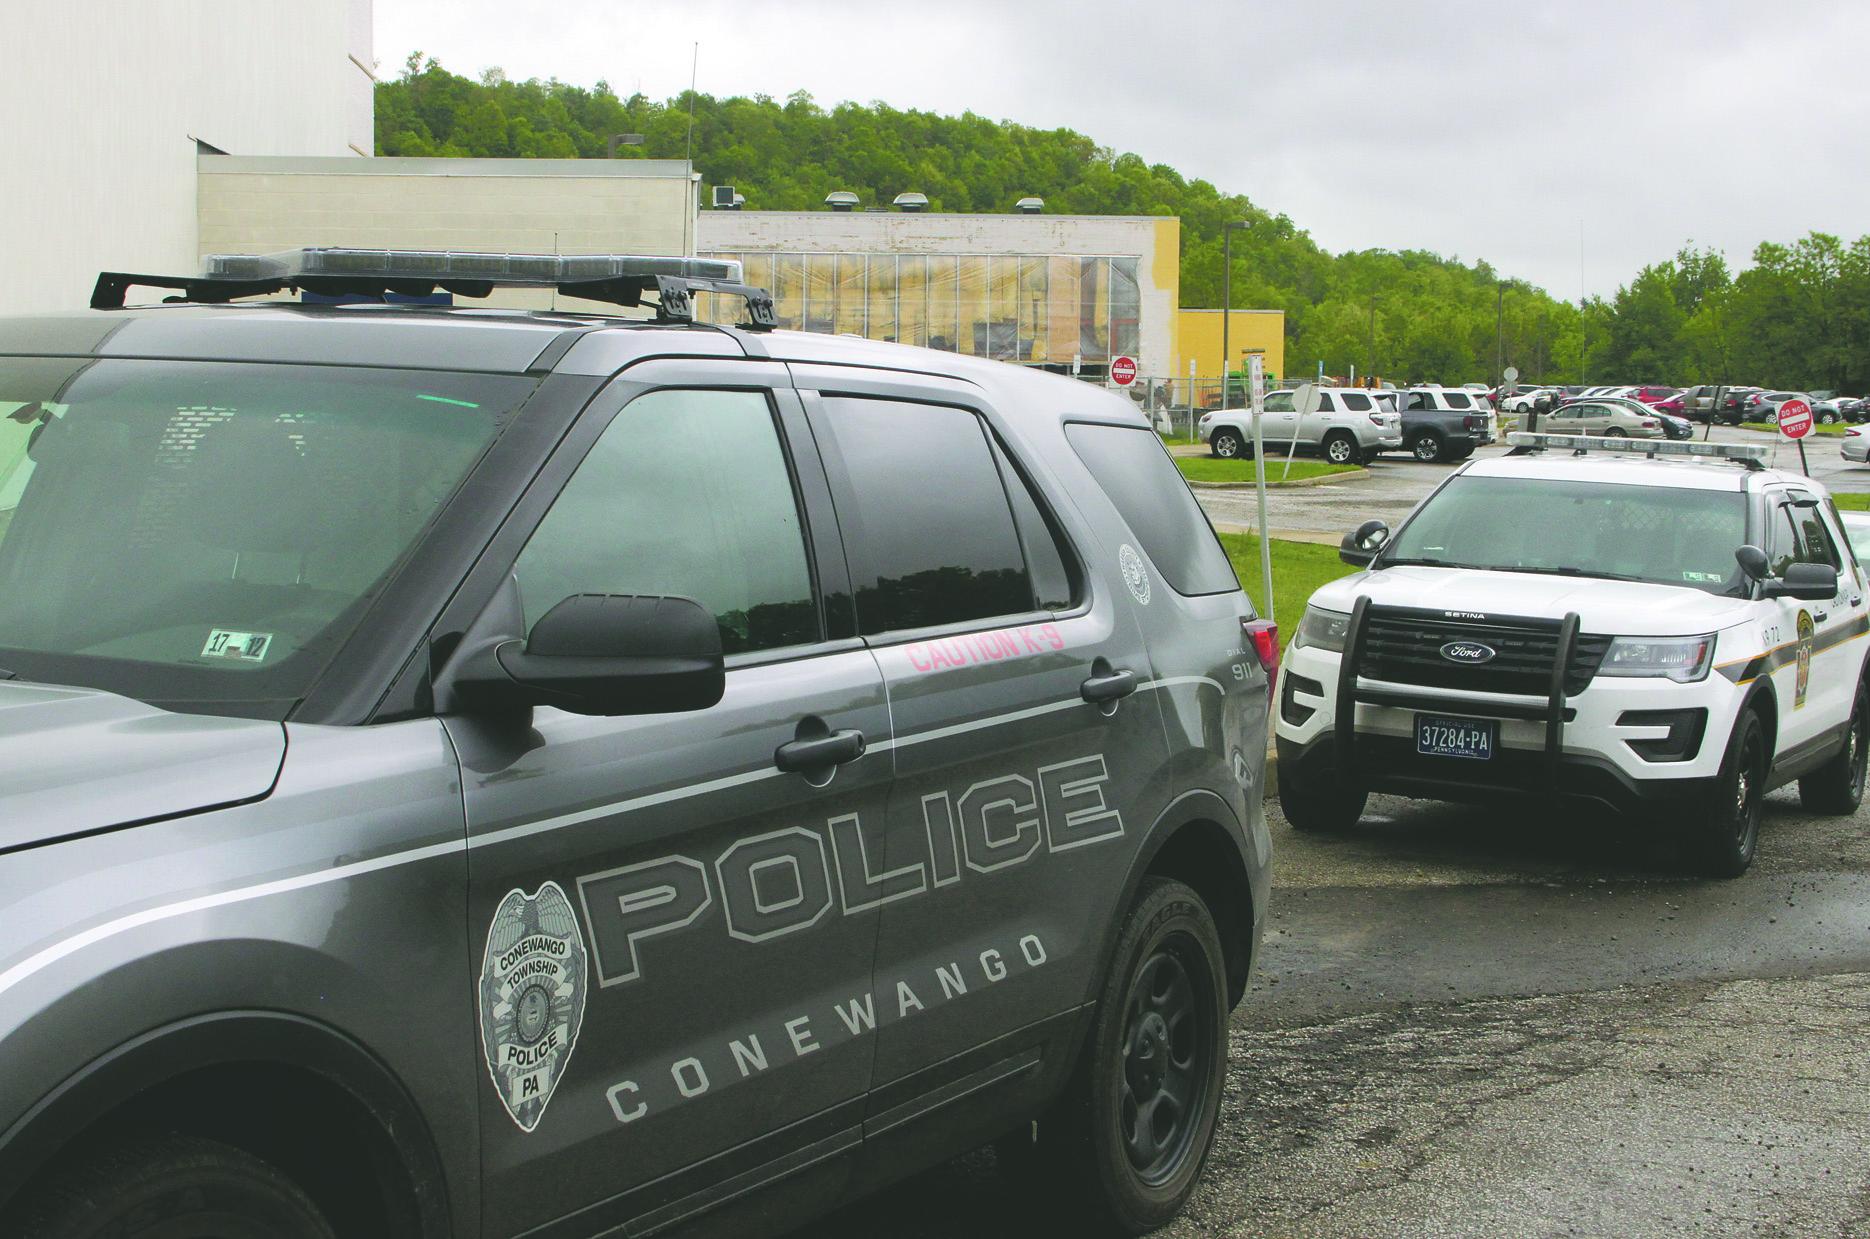 Reasonable Suspicion School Searches Two district buildings...